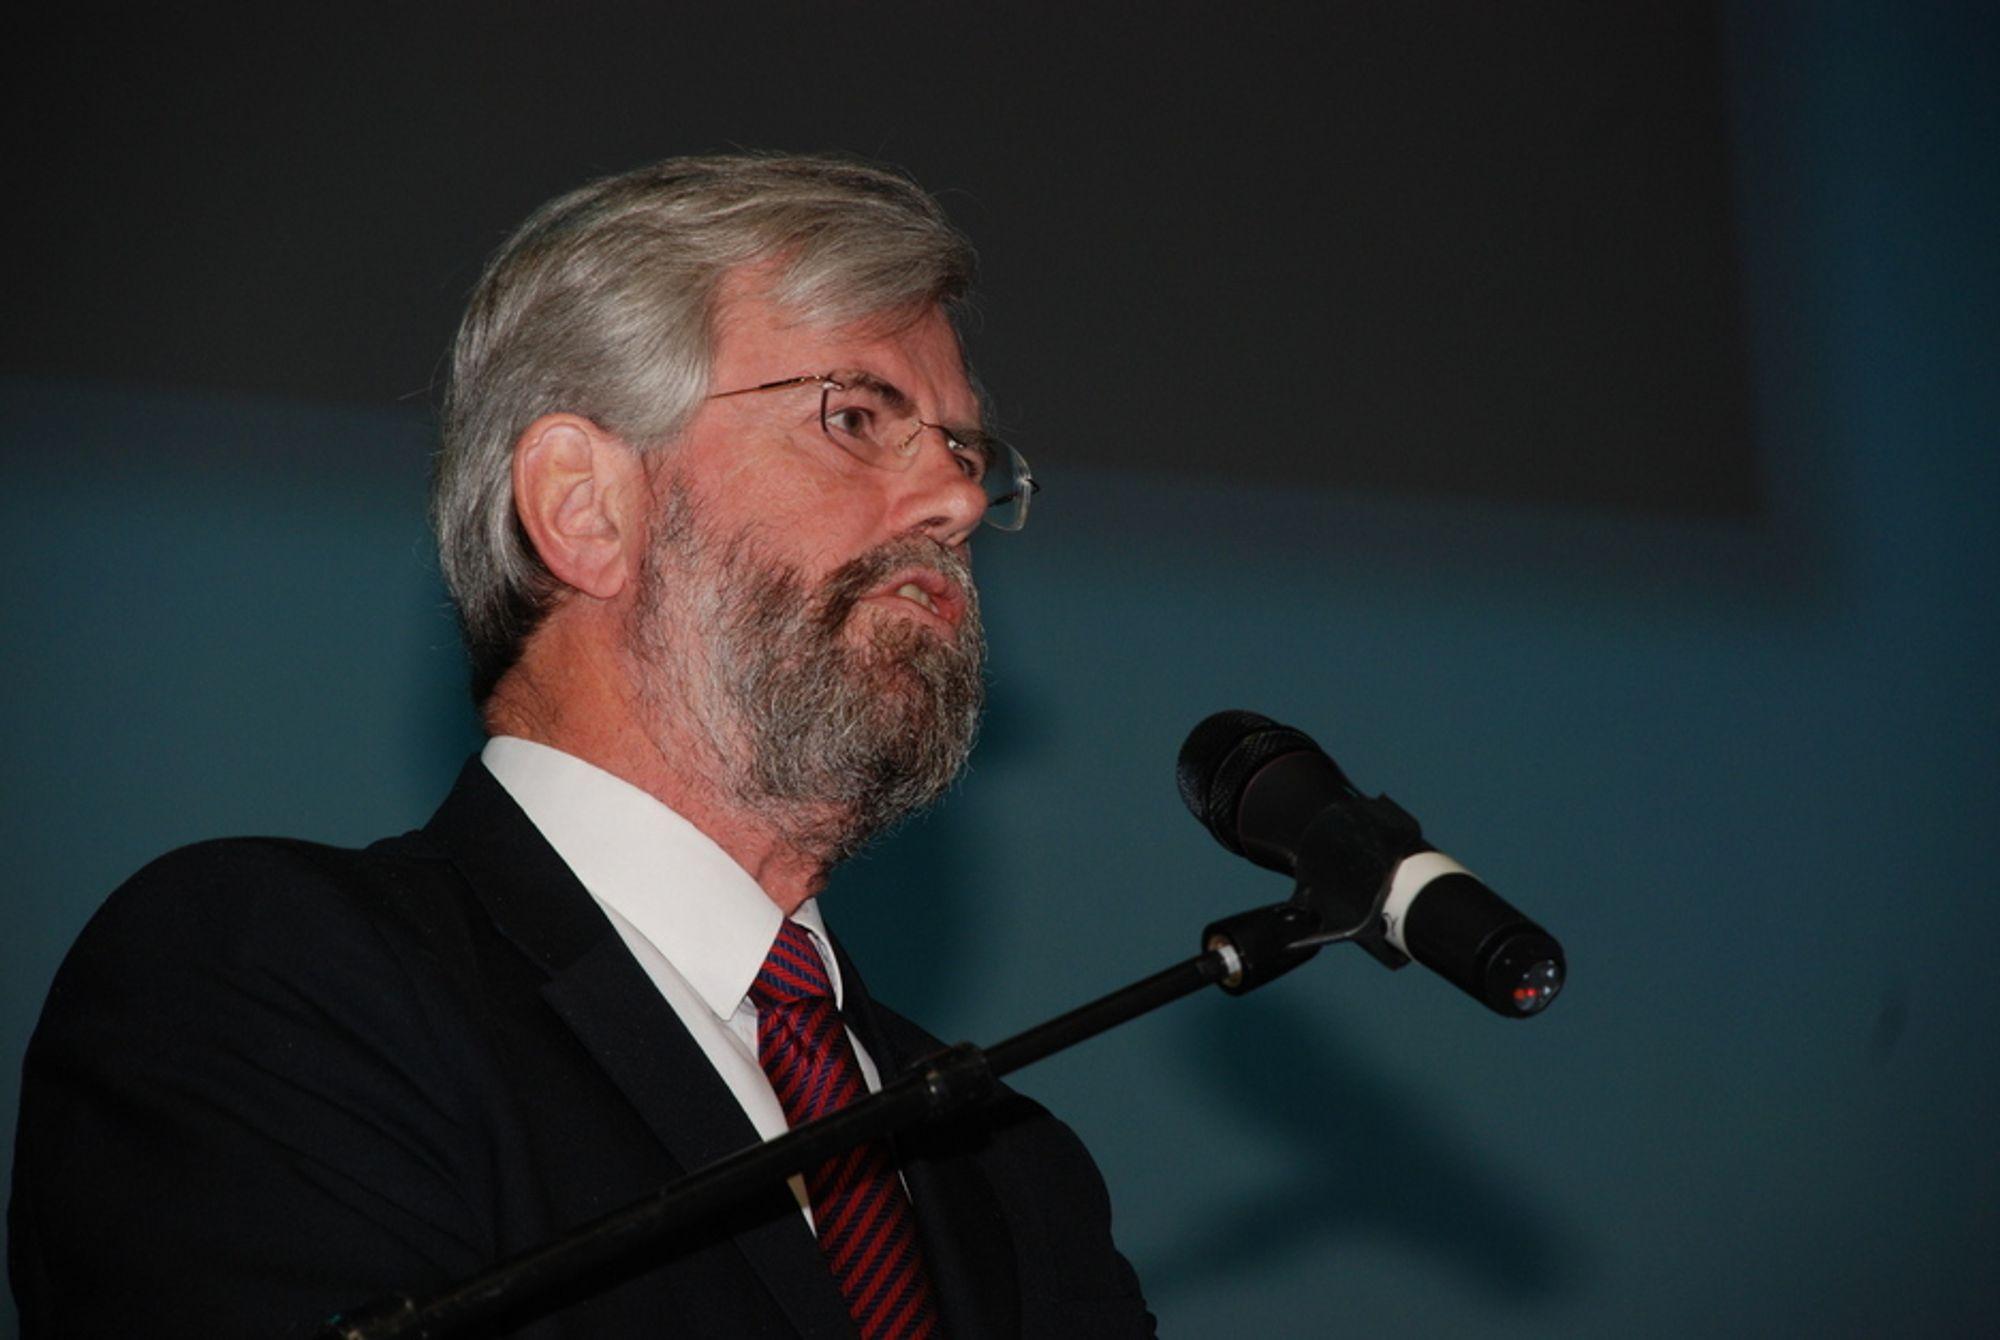 Hans Jørgen Koch, statssekretær i det danske klima- og energiministeriet